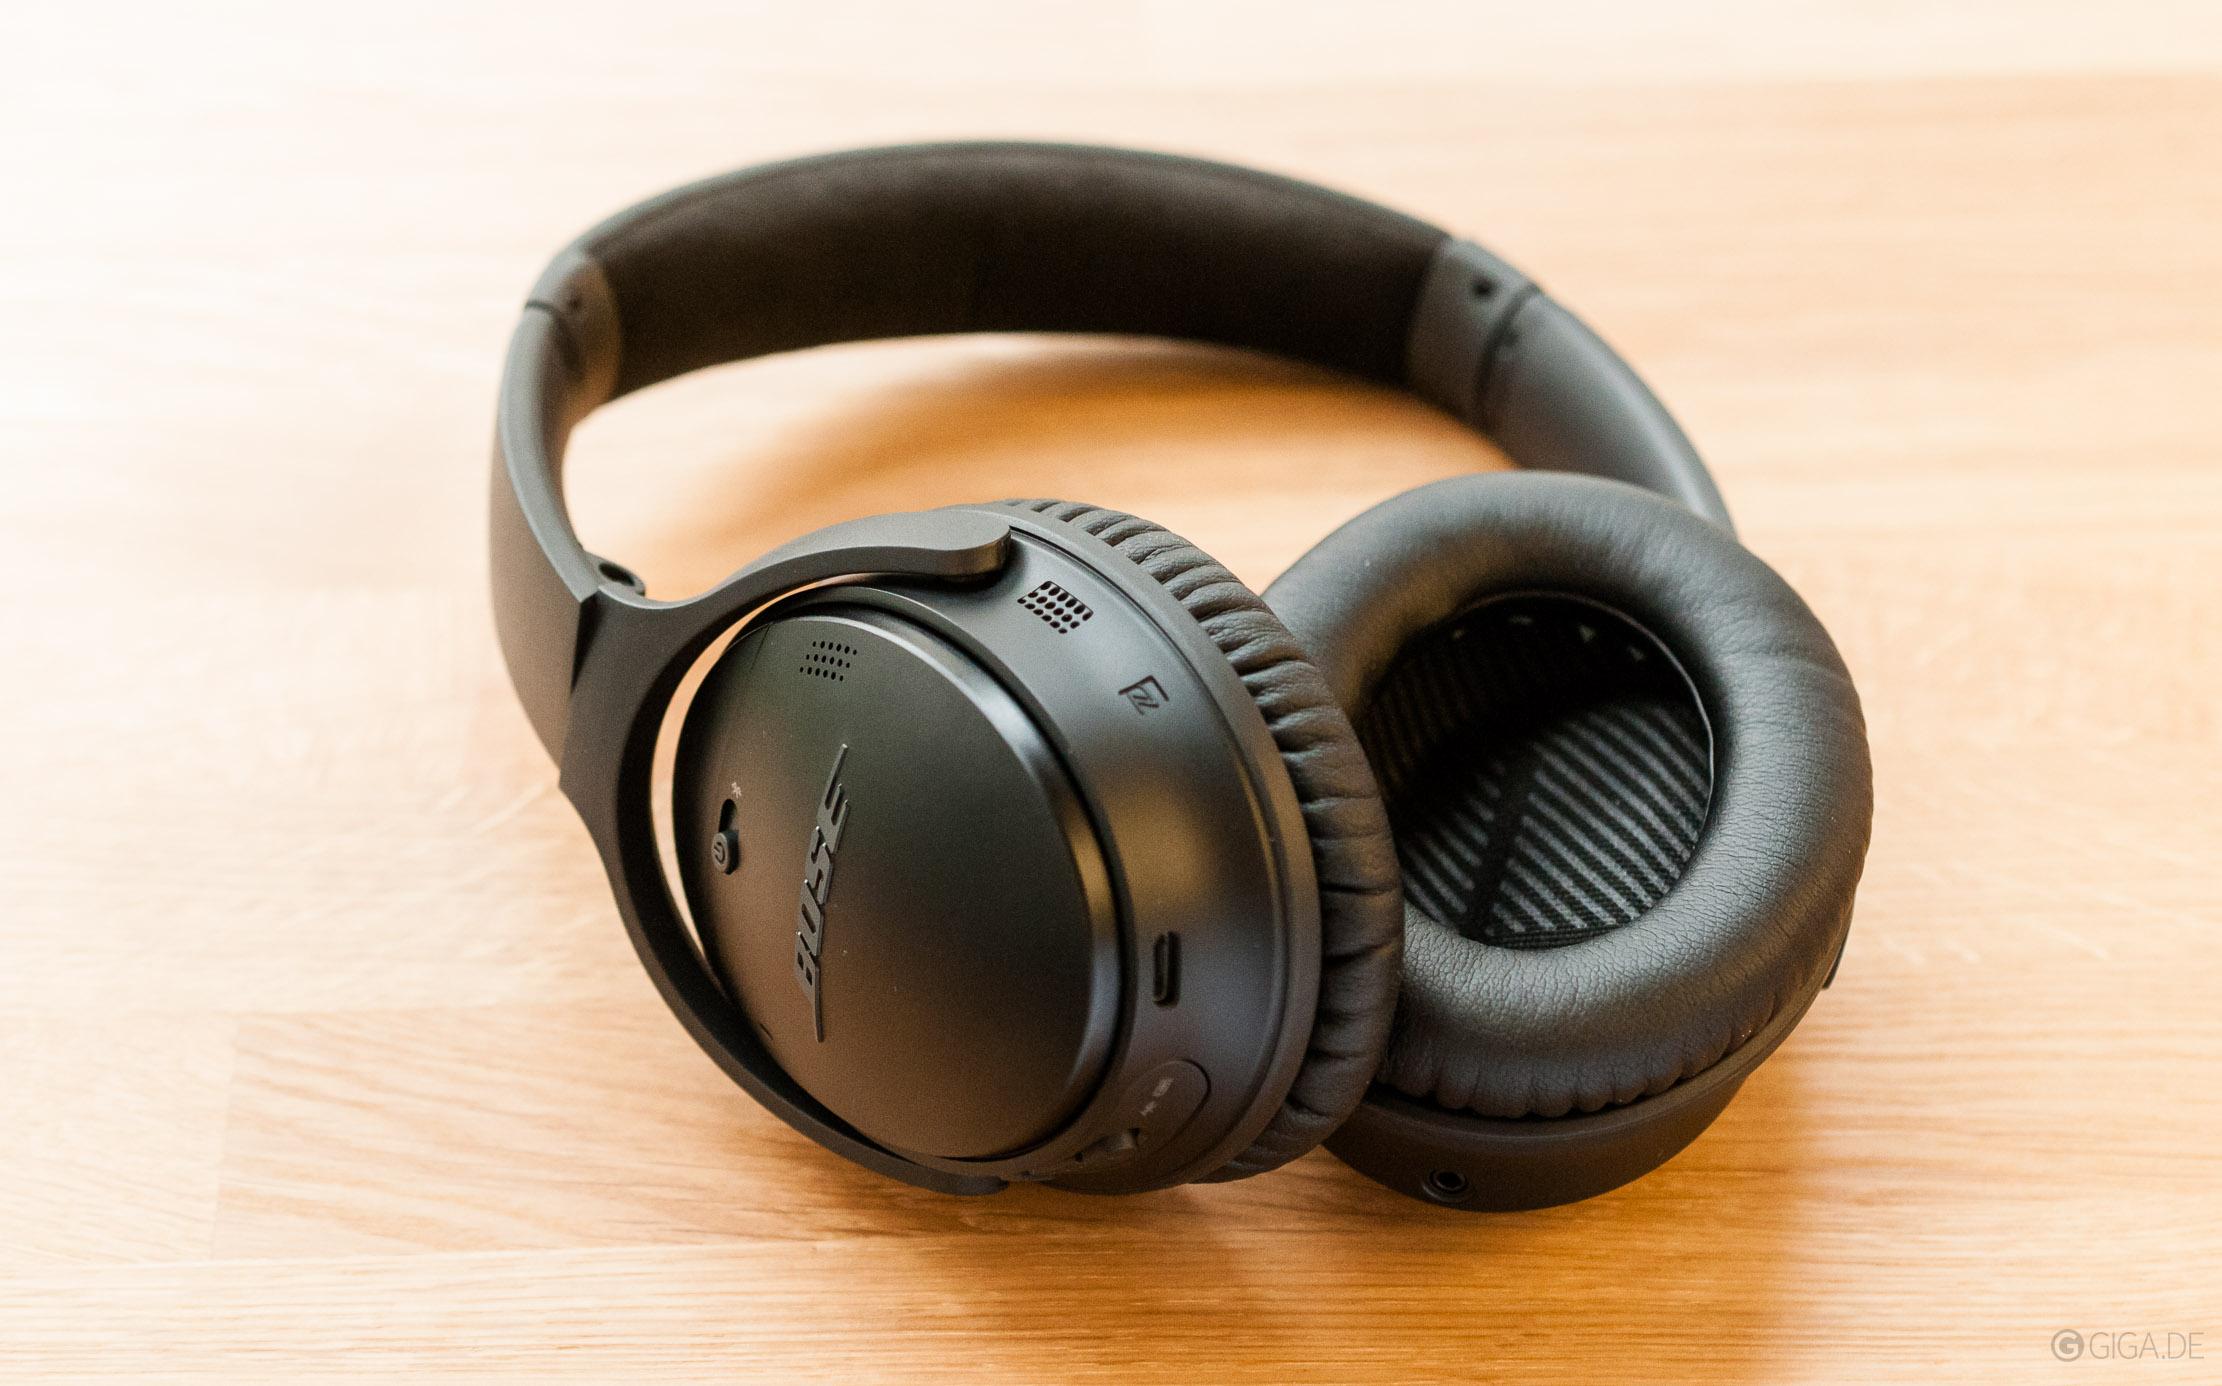 Bw Px Das Sind Die Alternativen Zum Drahtlosen Noise Cancelling Bowers Wilkins Active Wireless Headphones Bose Qc 35